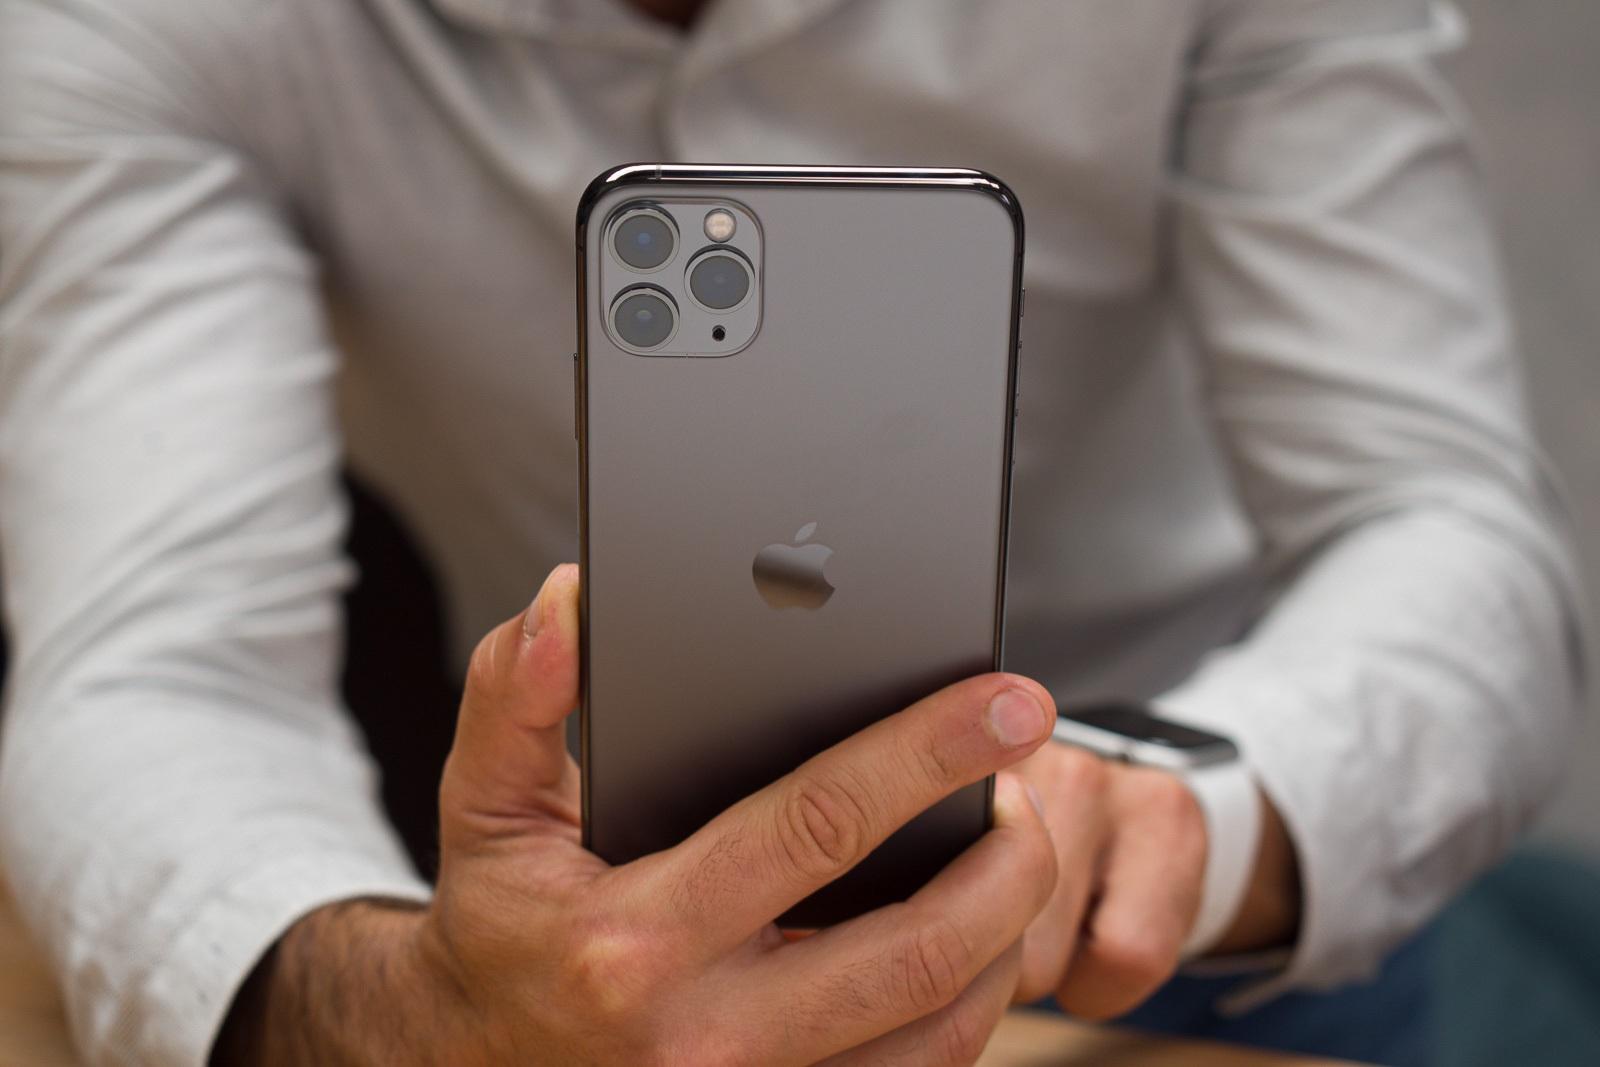 أفضل الهواتف التي يمكنك شراءها مع بداية عام 2020